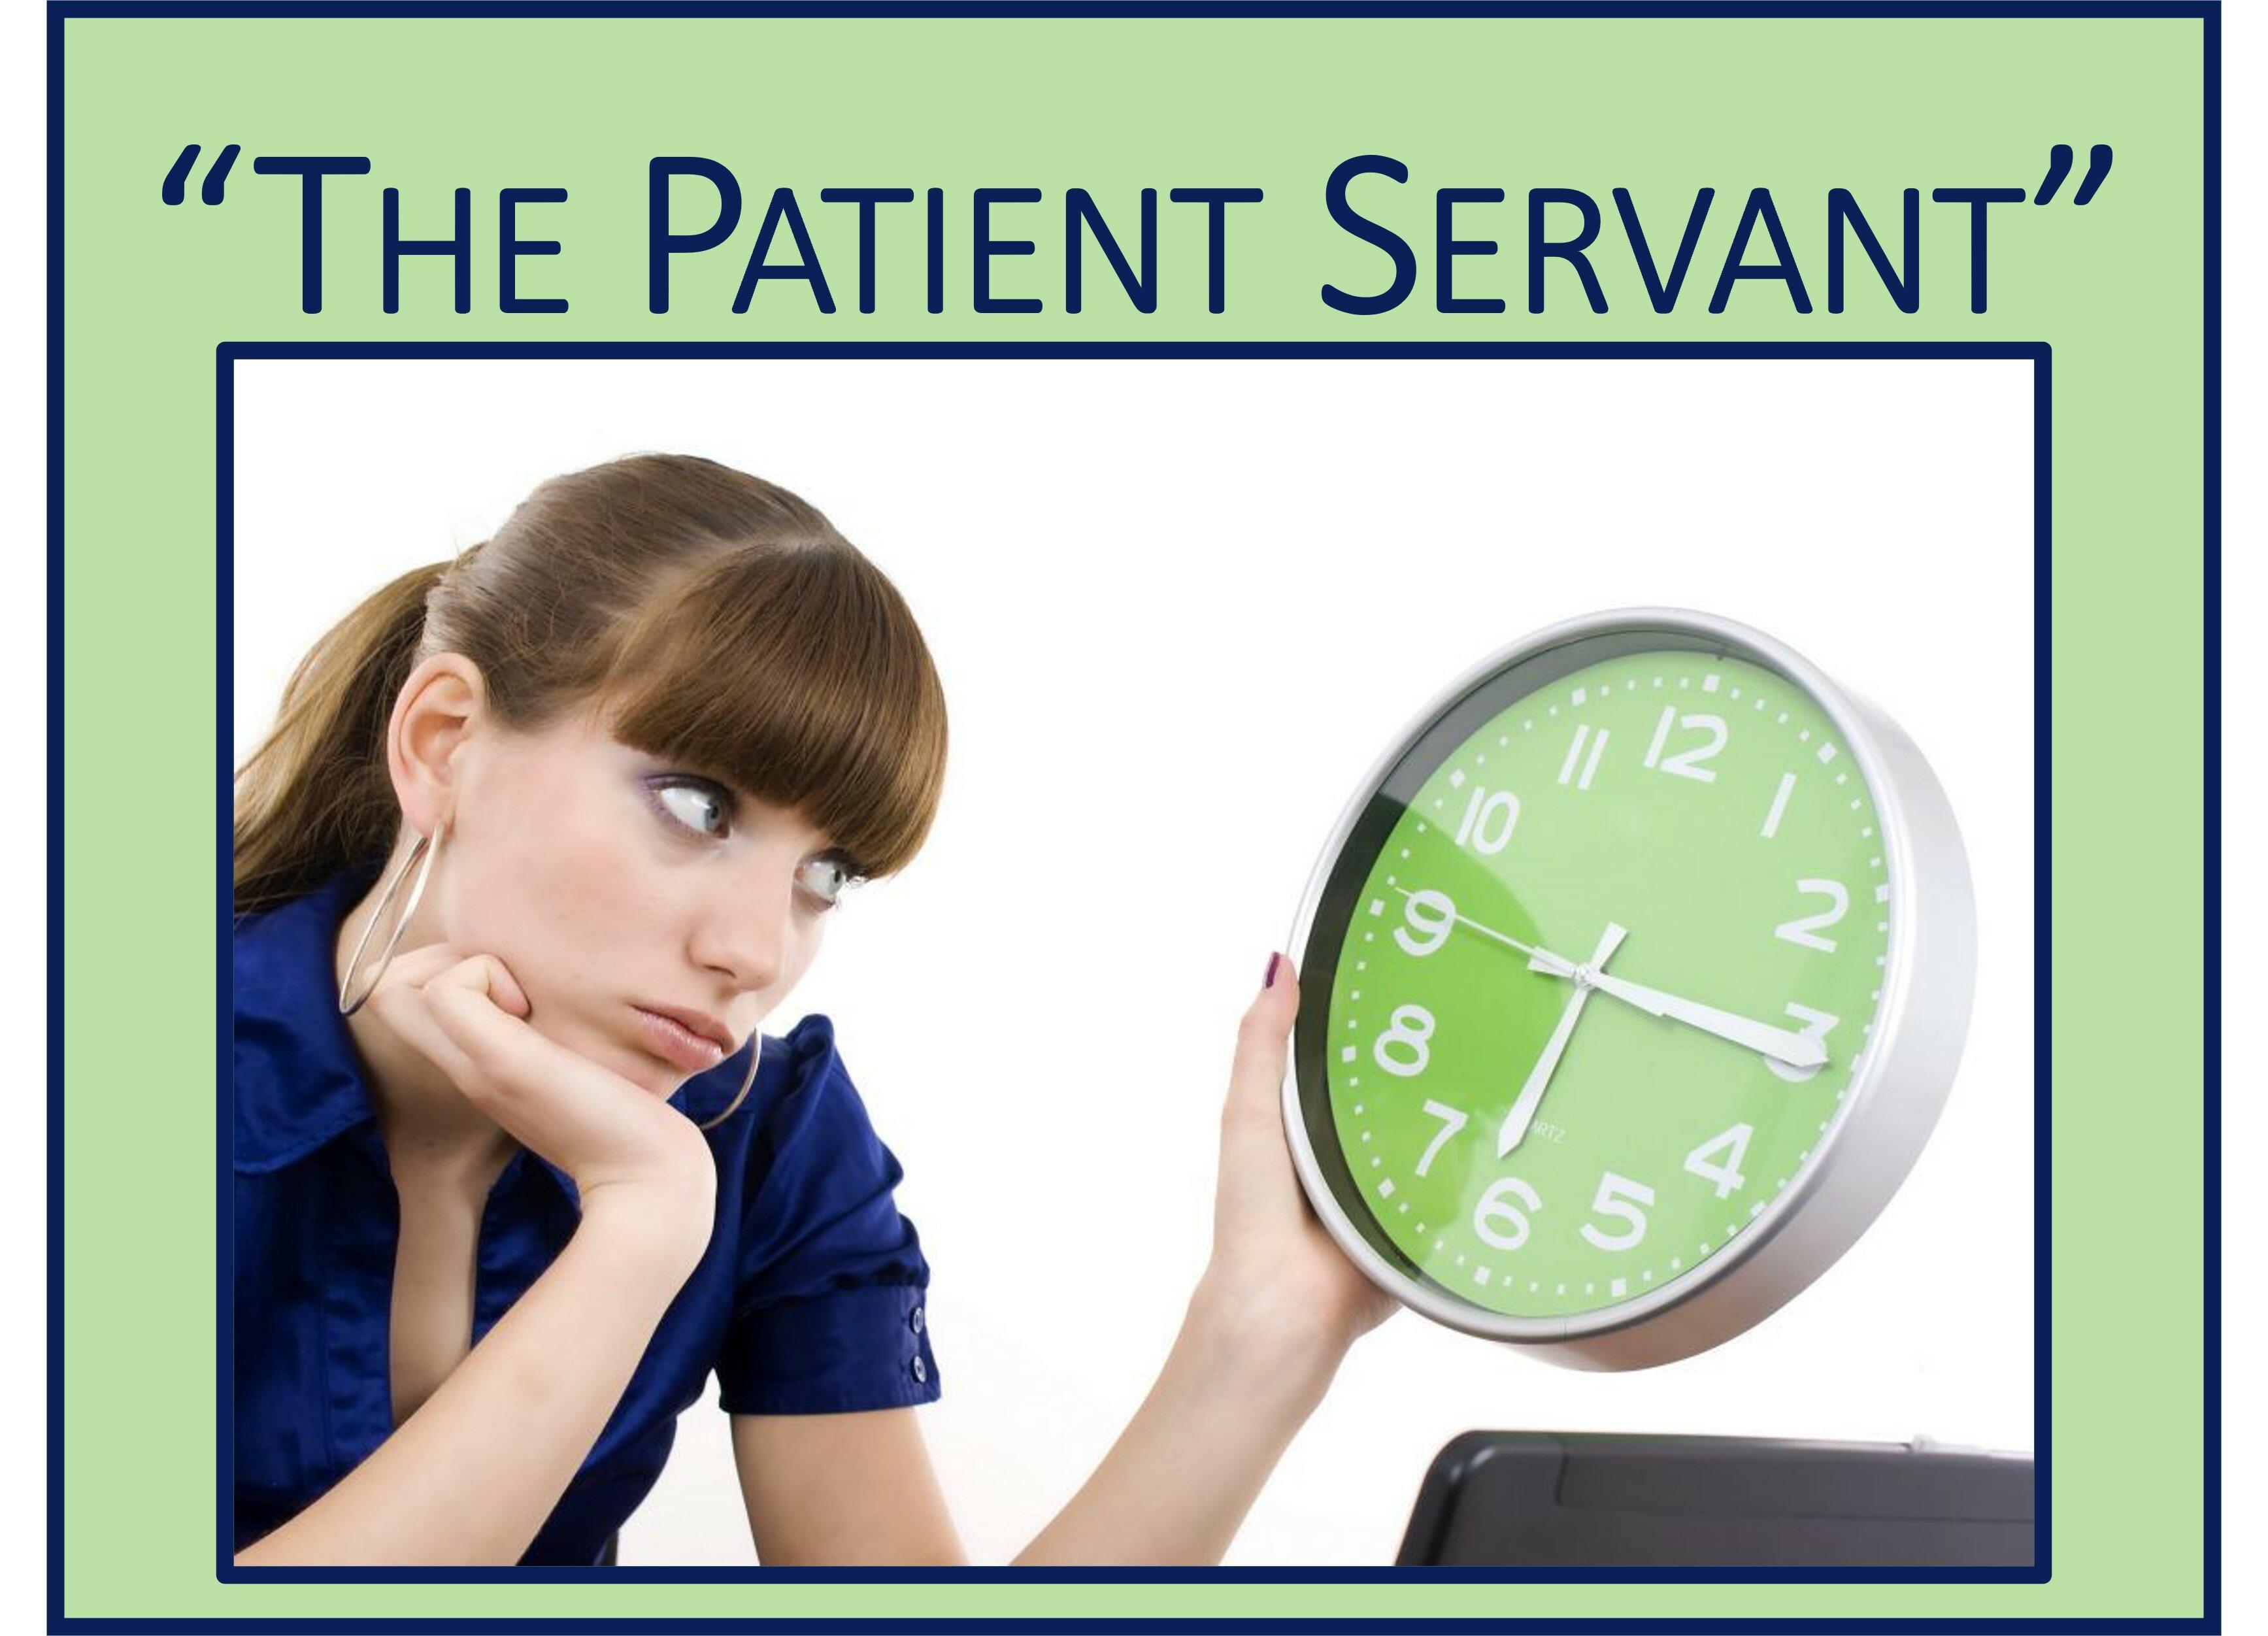 The Patient Servant